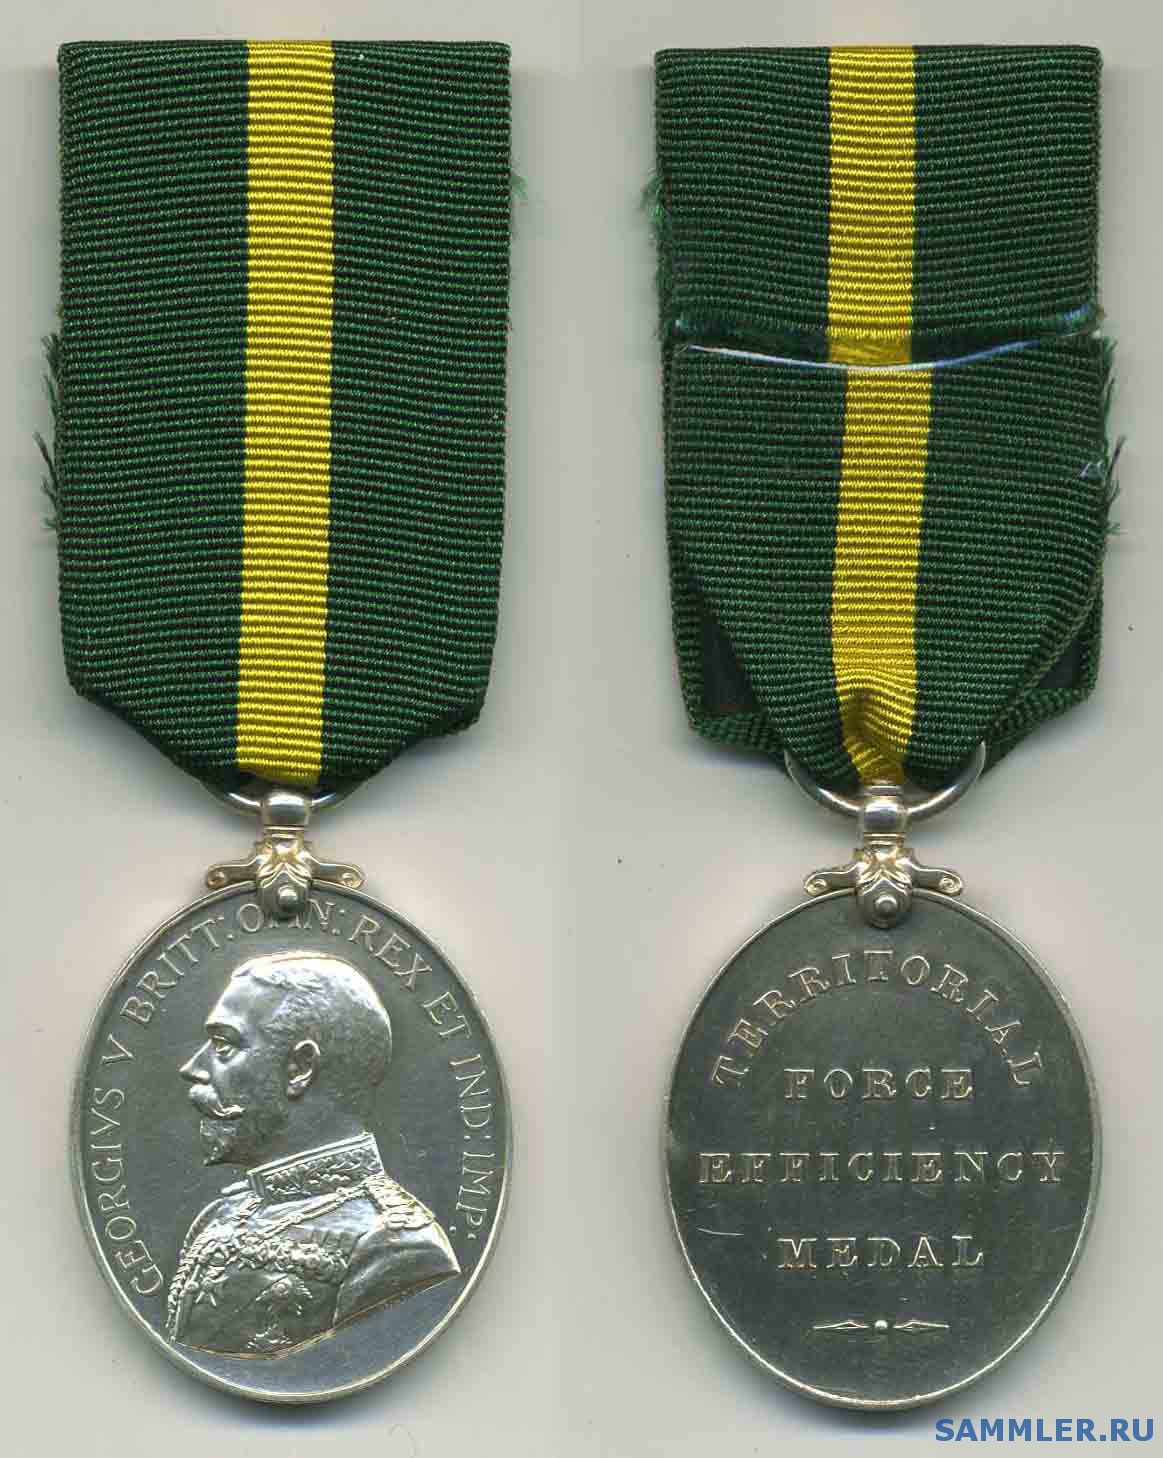 Territorial_Force_Efficiency_Medal__G_V_.jpg